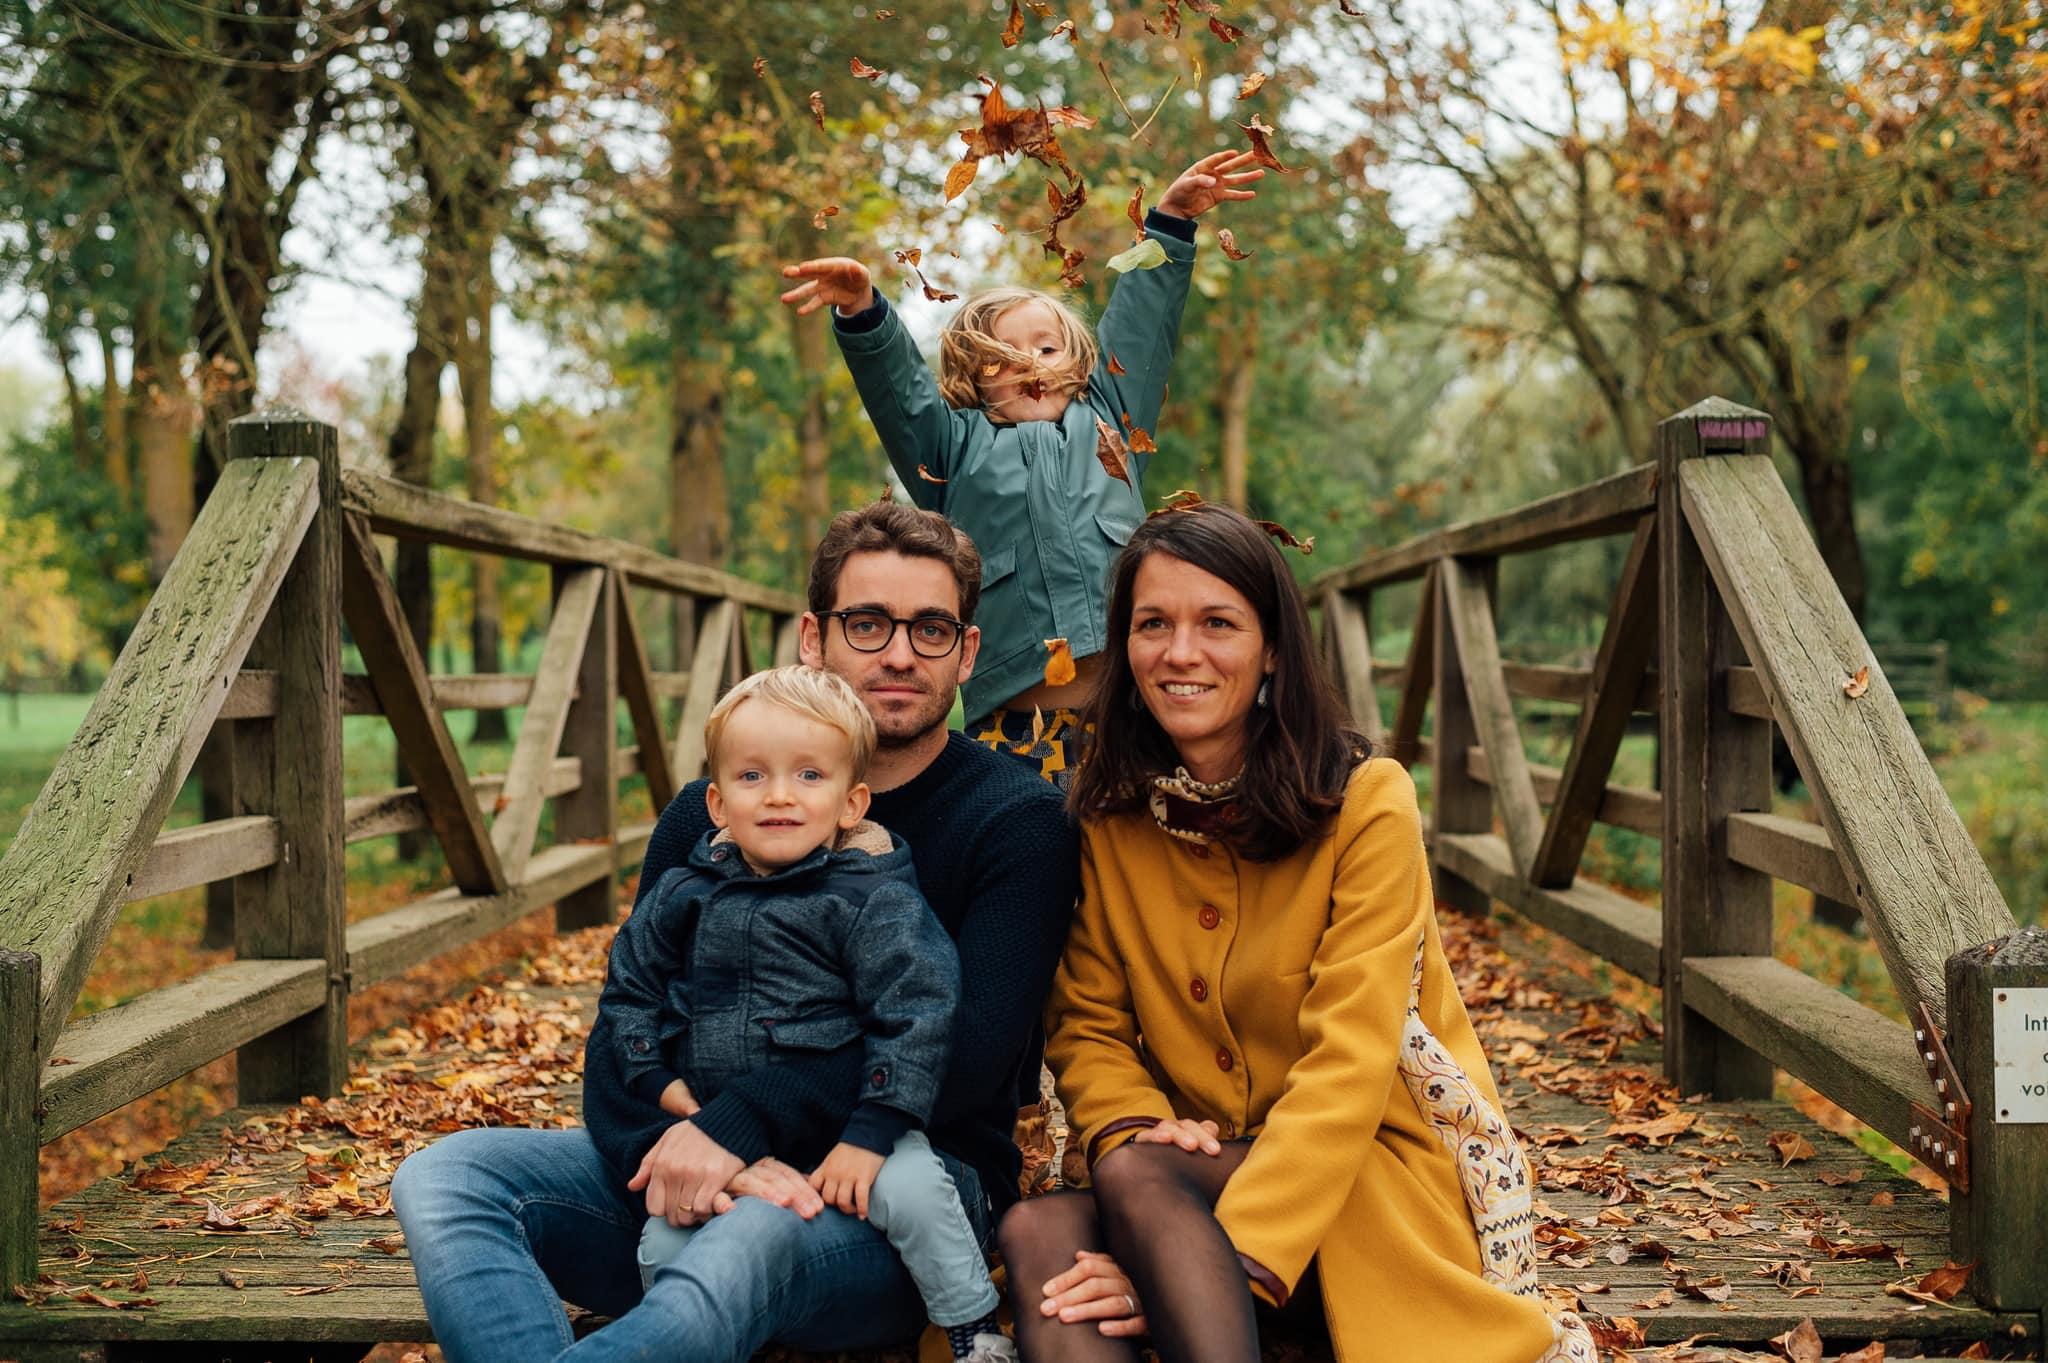 Famille joue dans les feuilles de l'automne